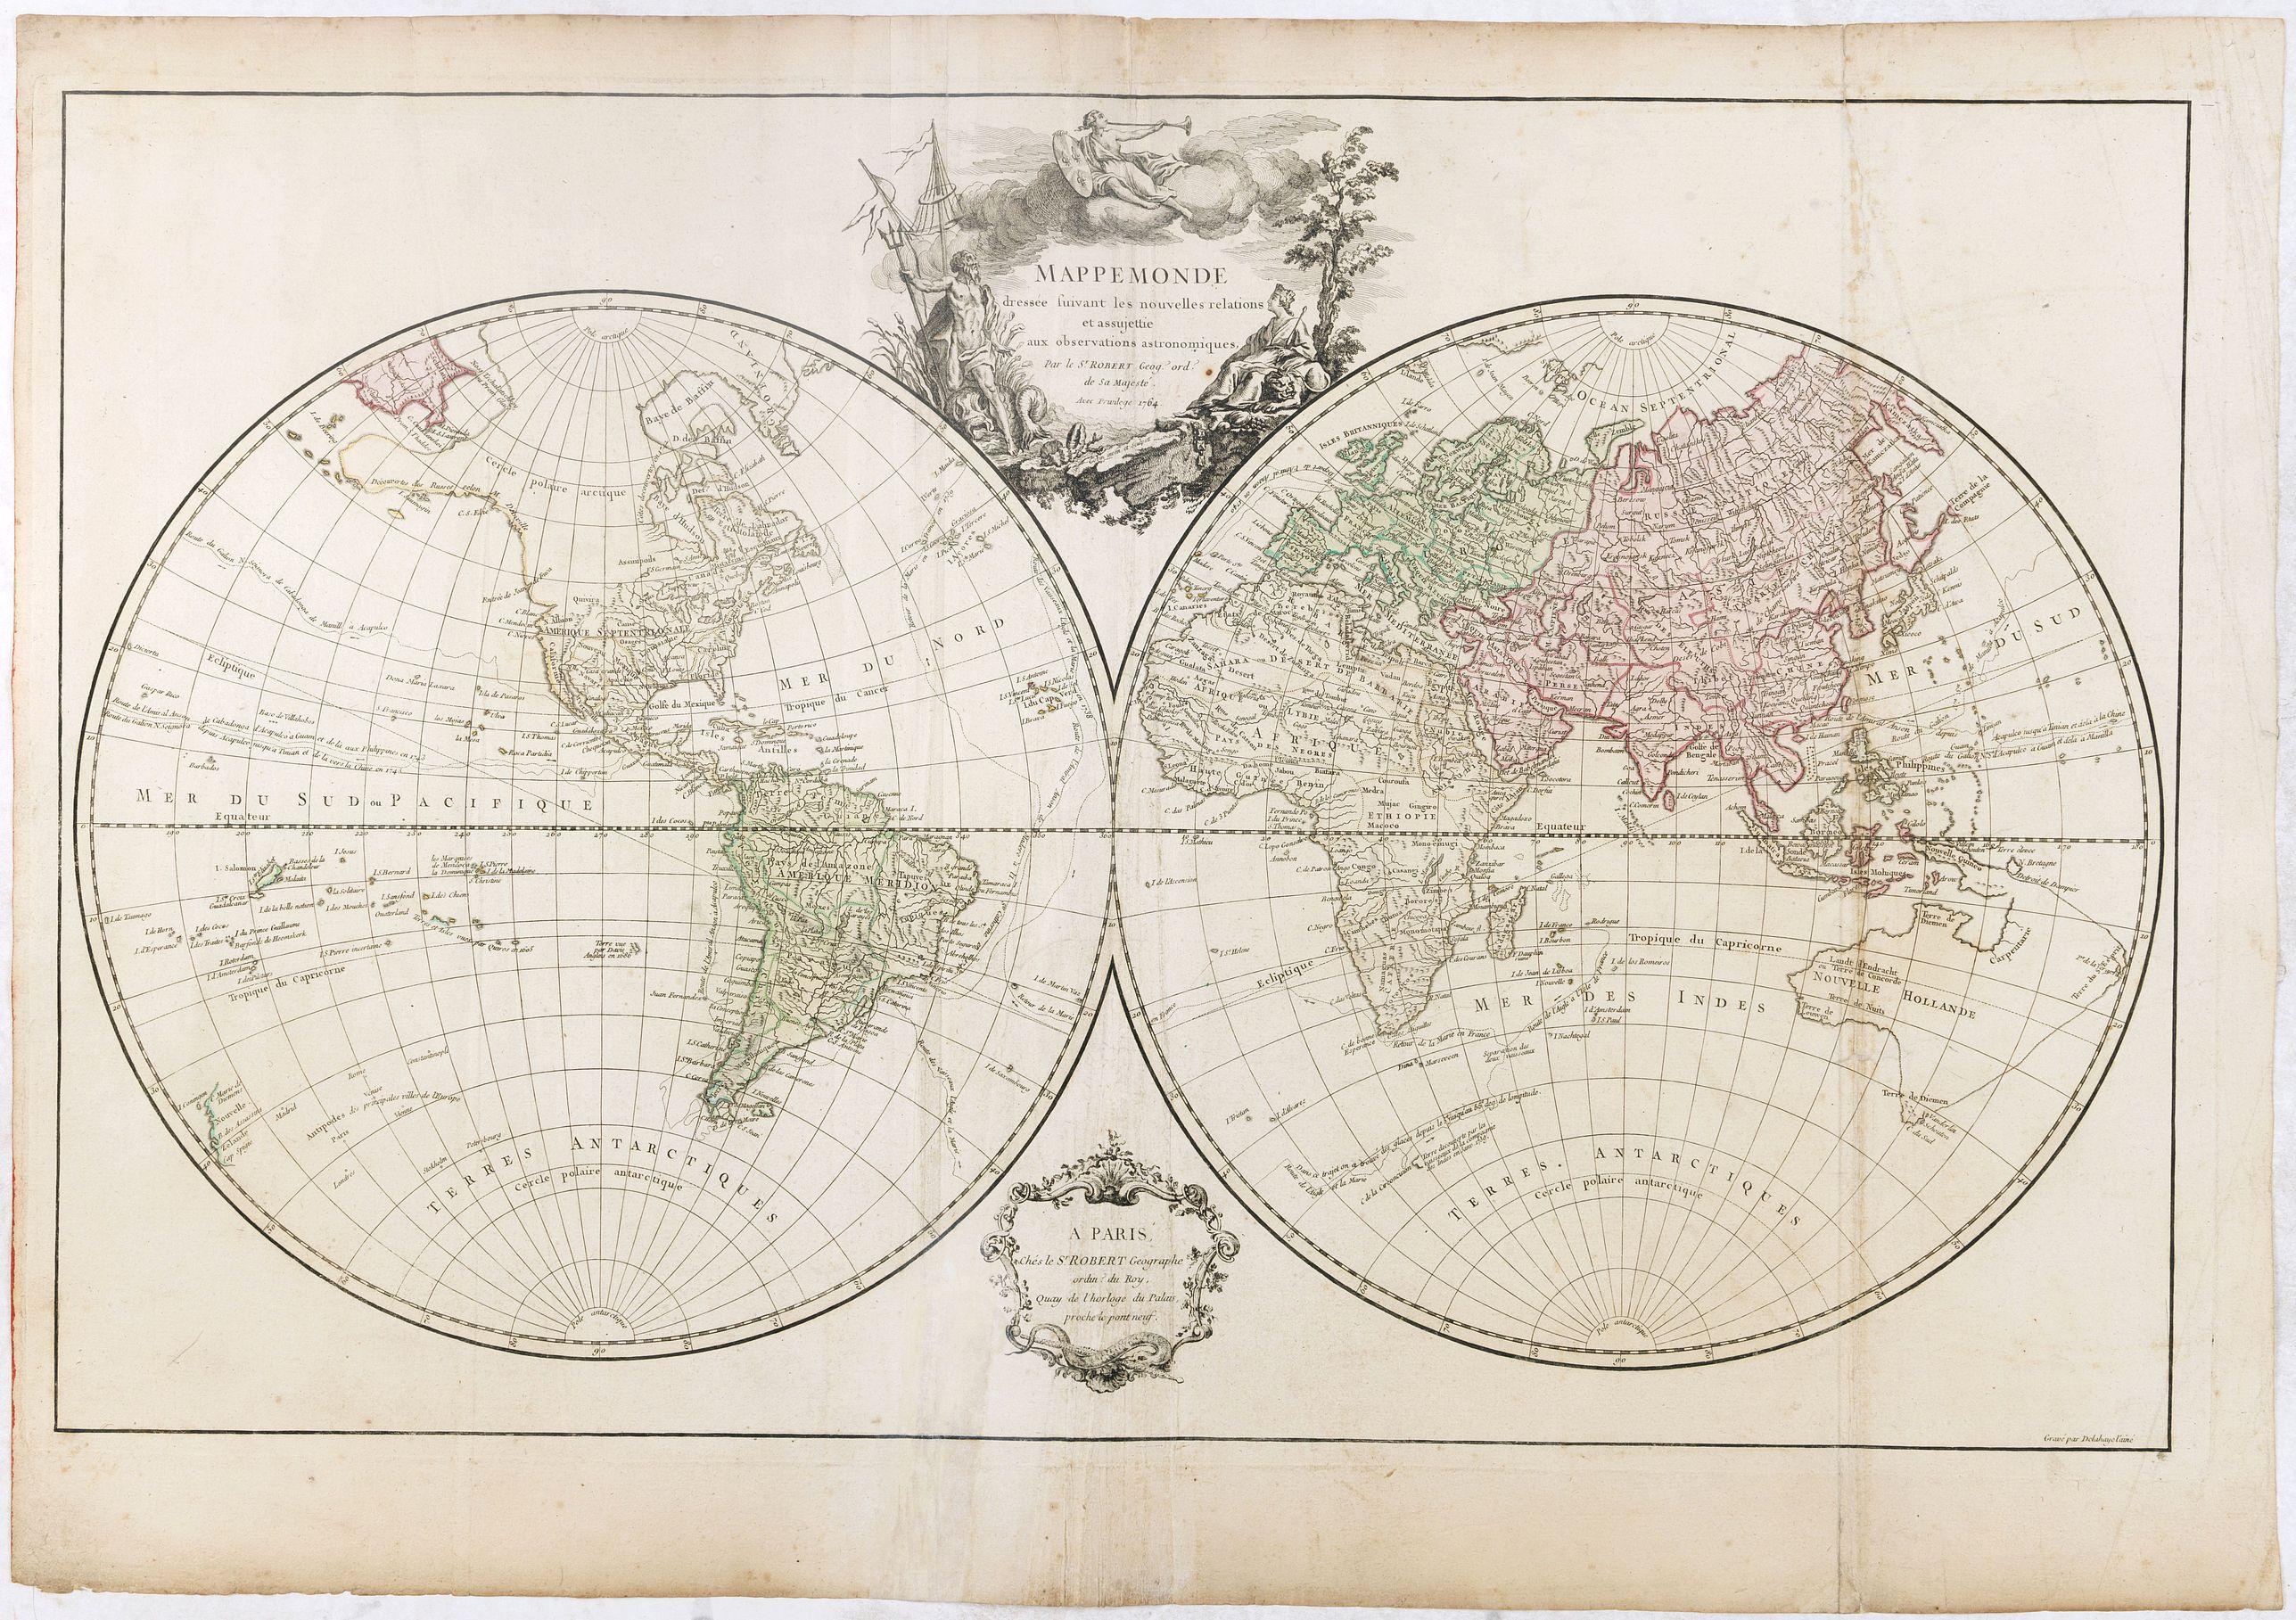 DE VAUGONDY, R. -  Mappemonde dressée suivant les nouvelles relations et assujettie aux observations astronomiques Par le S. Robert de Vaugondy. . .